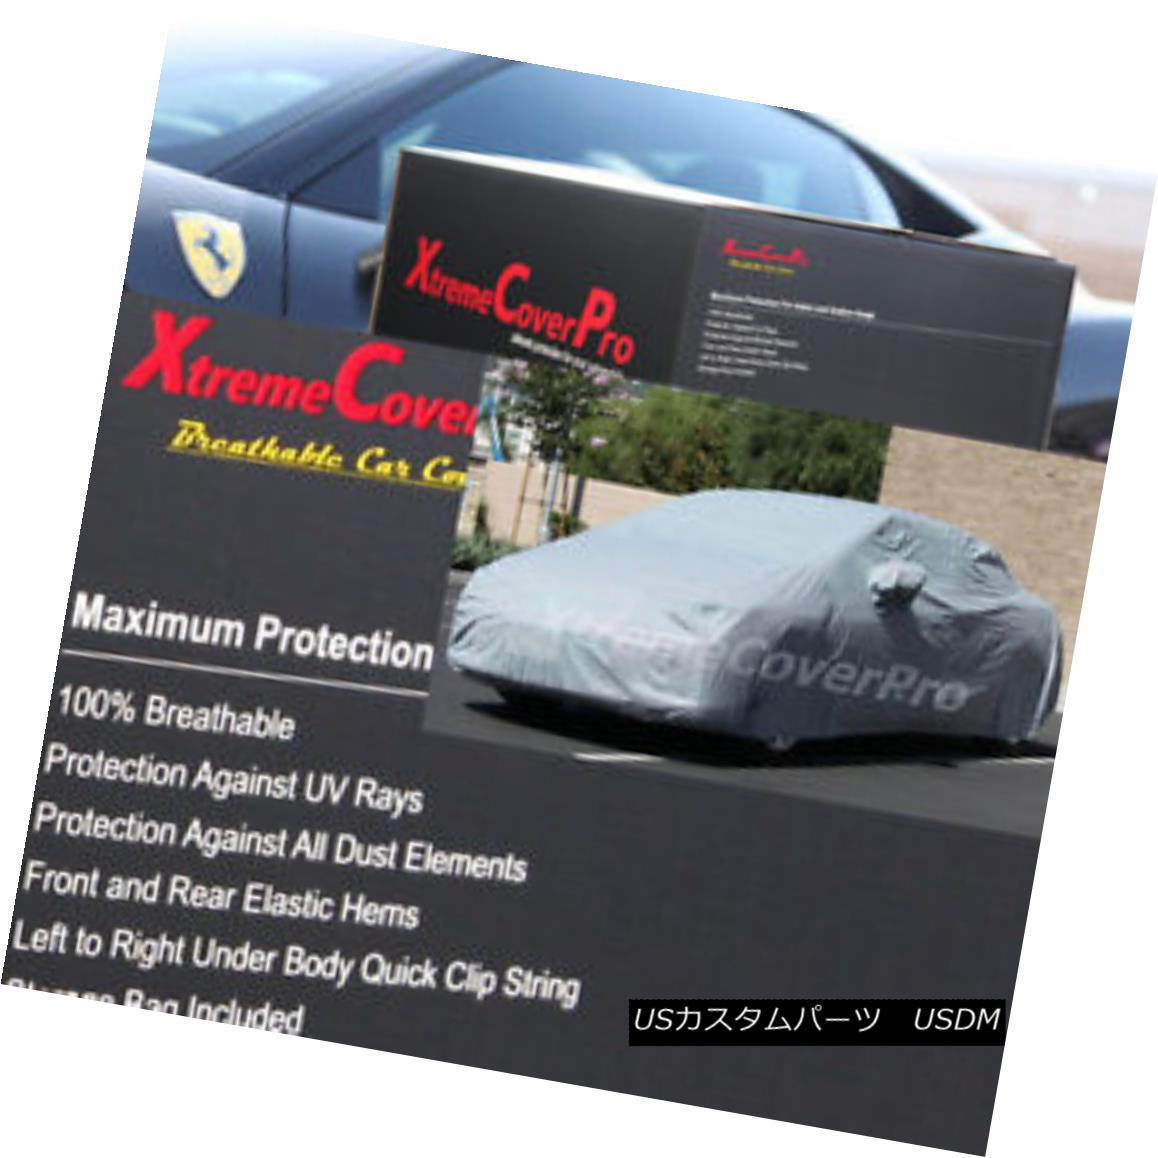 カーカバー 2013 Lincoln MKZ Breathable Car Cover w/MirrorPocket 2013年リンカーンMKZ通気性車カバー付き(MirrorPocket)